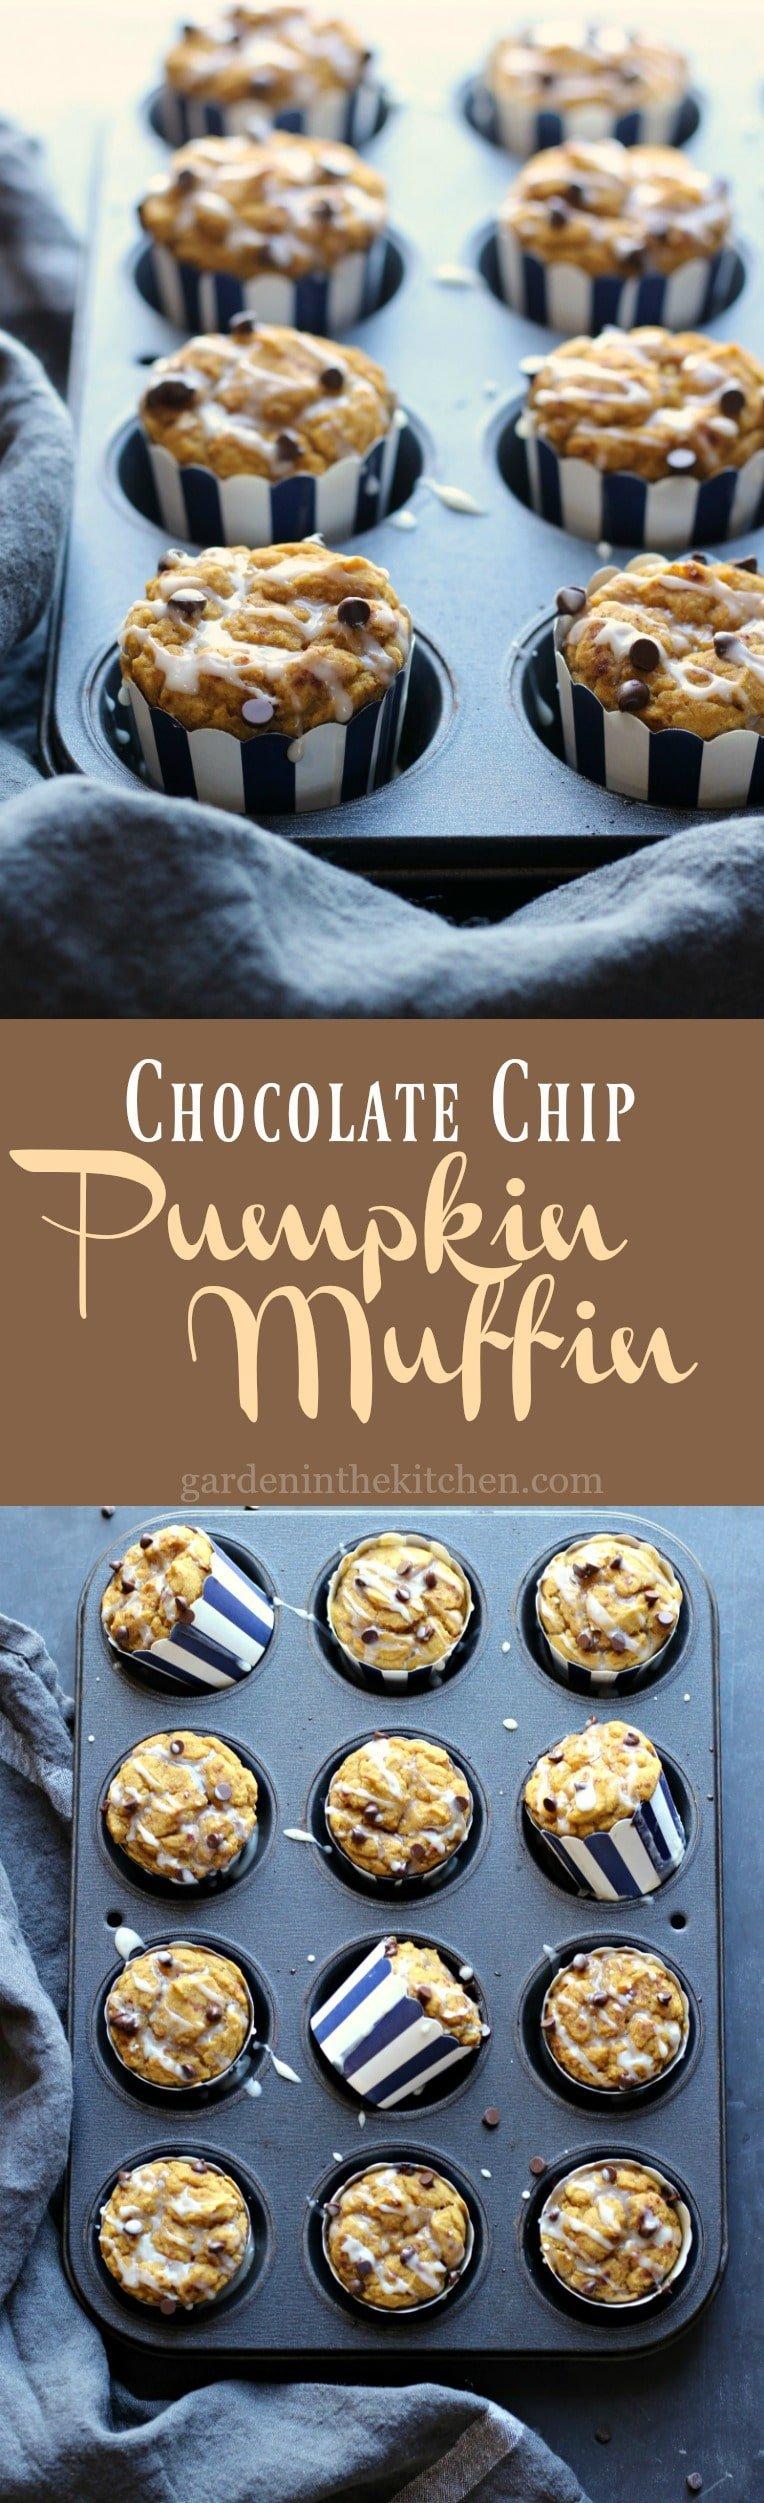 Chocolate Chip Pumpkin Muffin (Gluten-free, Dairy-free) | gardeninthekitchen.com